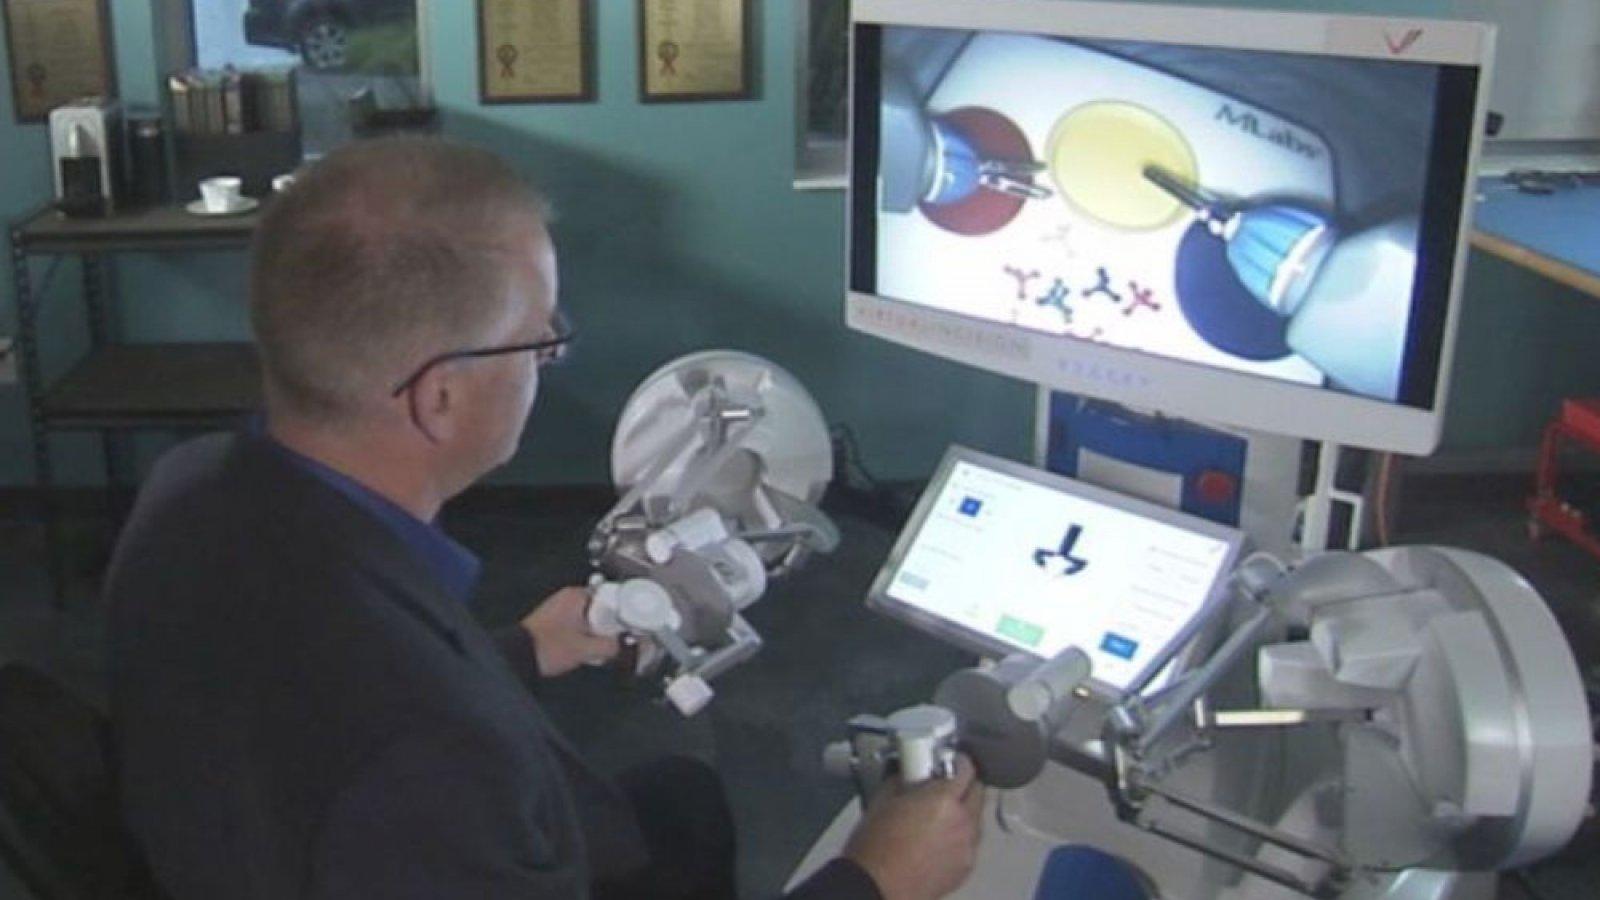 Virtual Incision is a startup at Nebraska Innovation Campus (University of Nebraska-Lincoln)